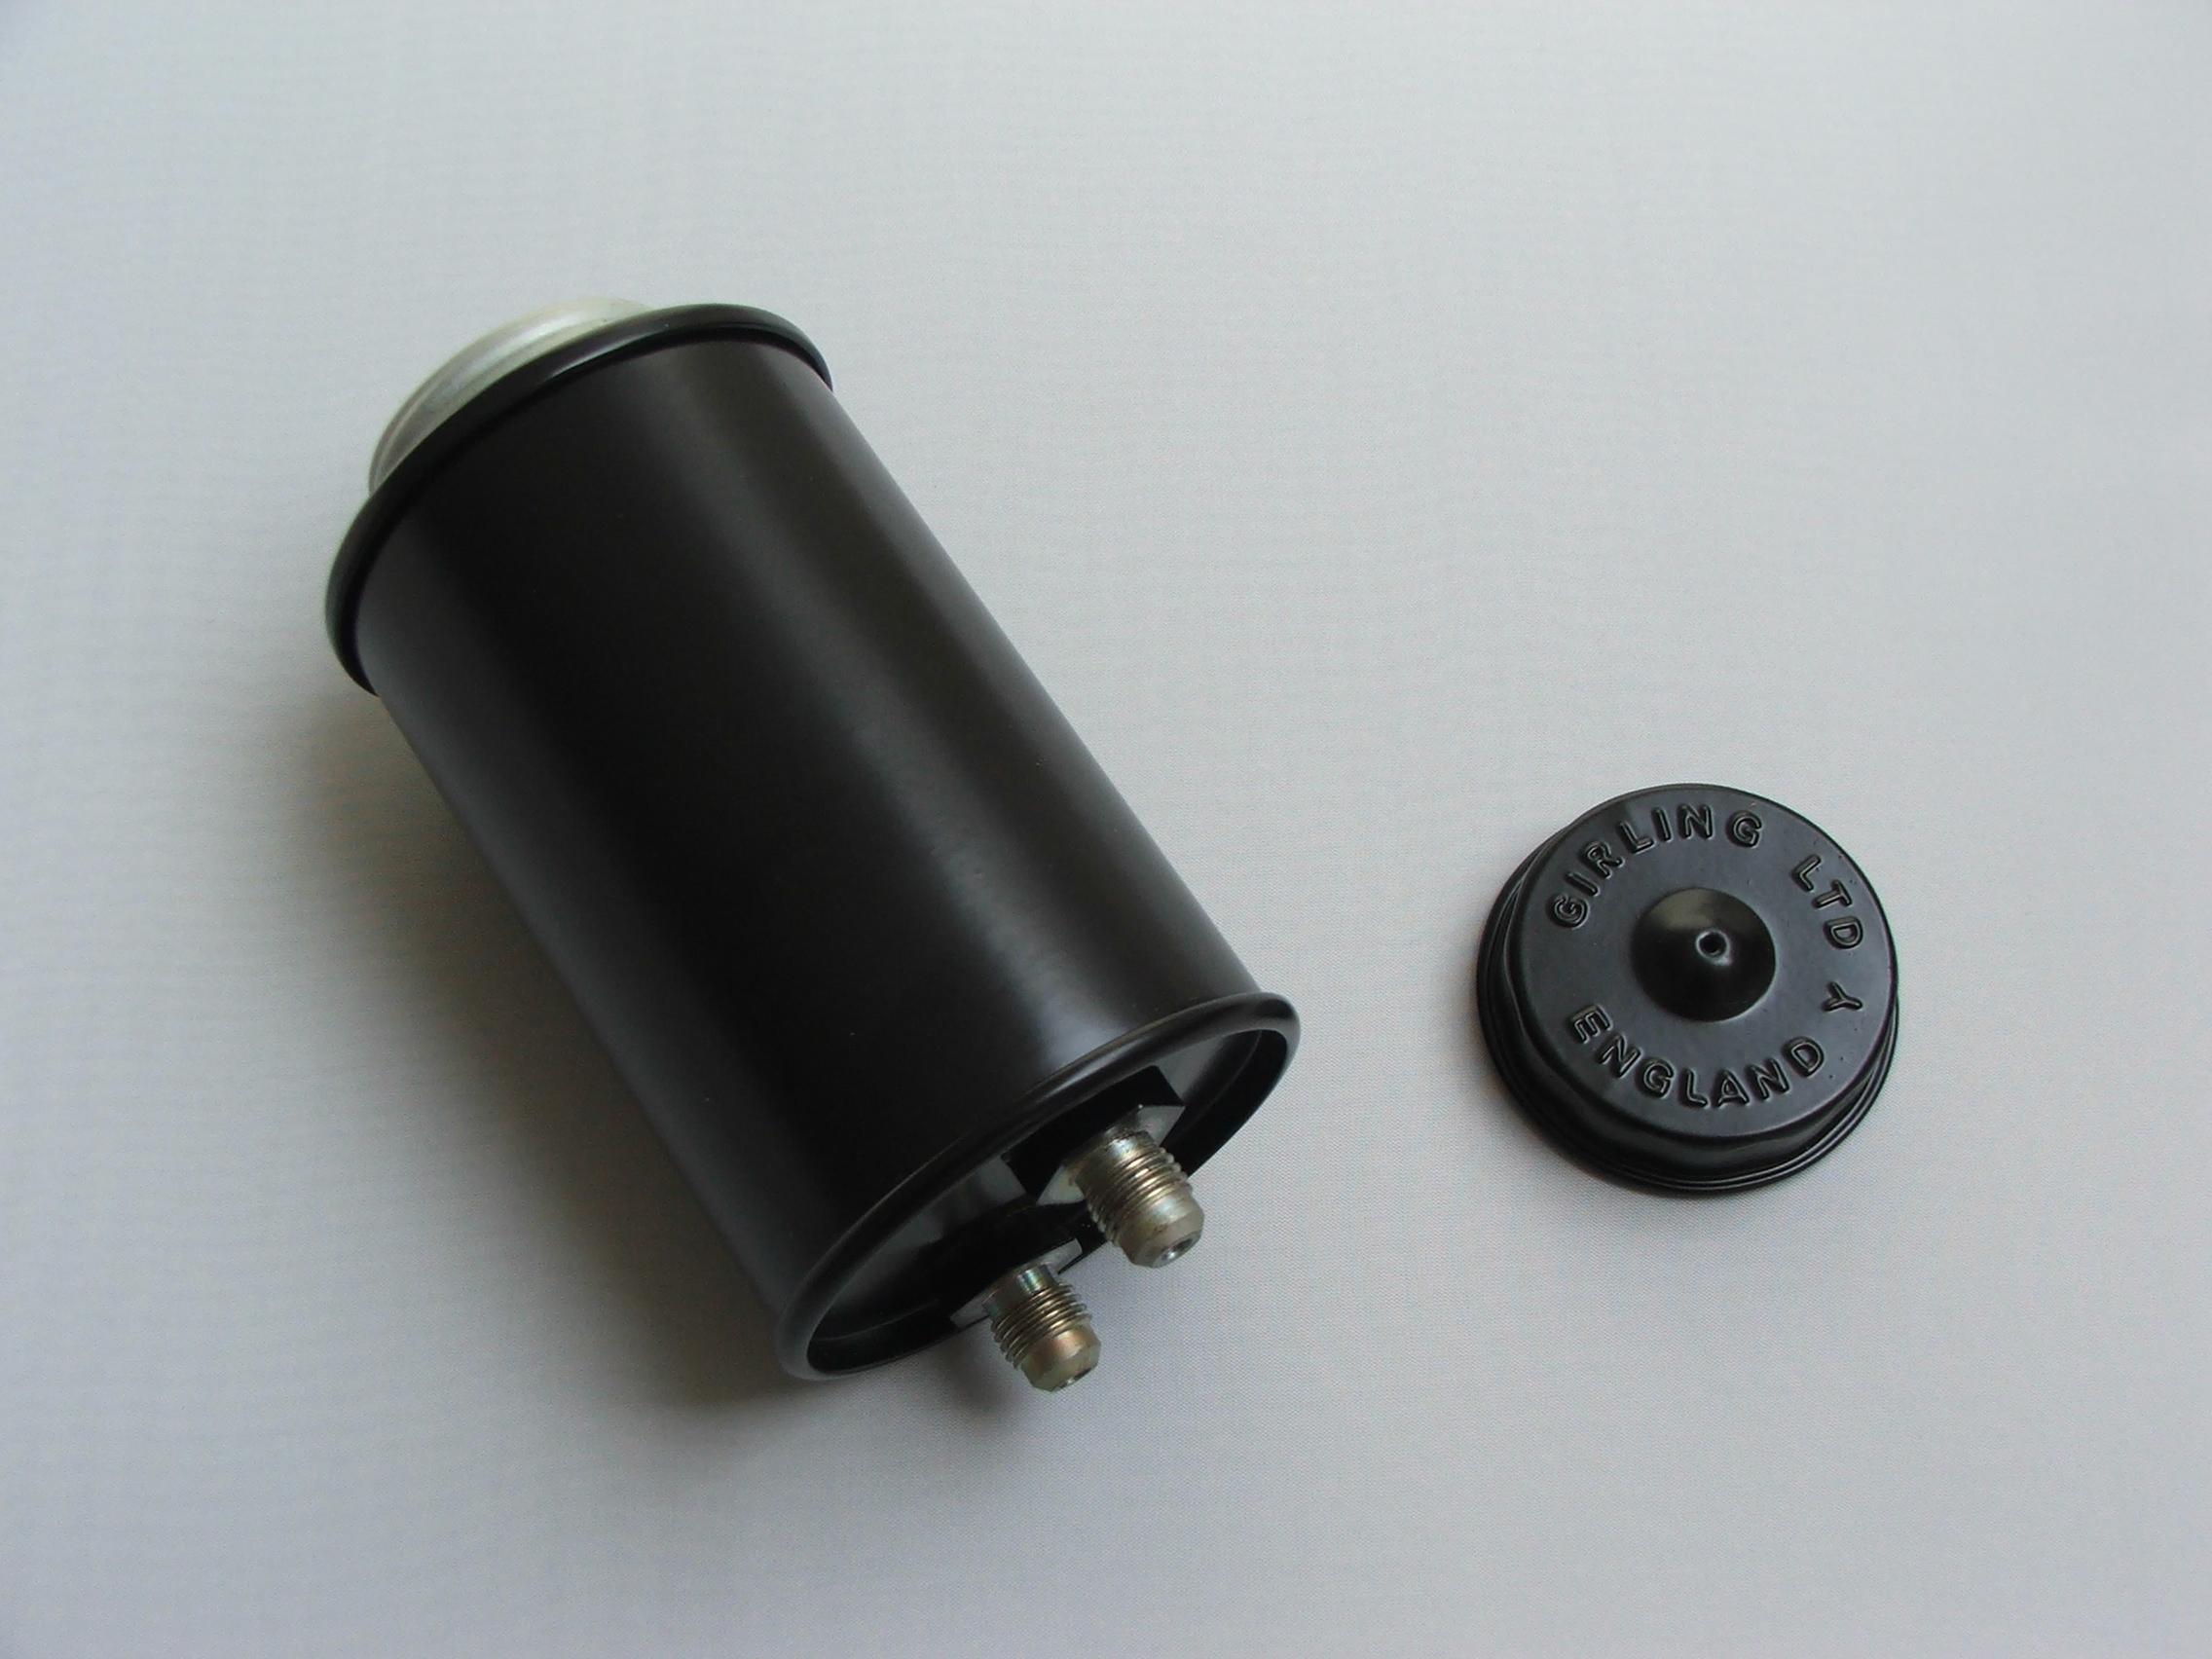 kit carbon body lamborghini the for veloce parts molto fiber aventador overview dmc